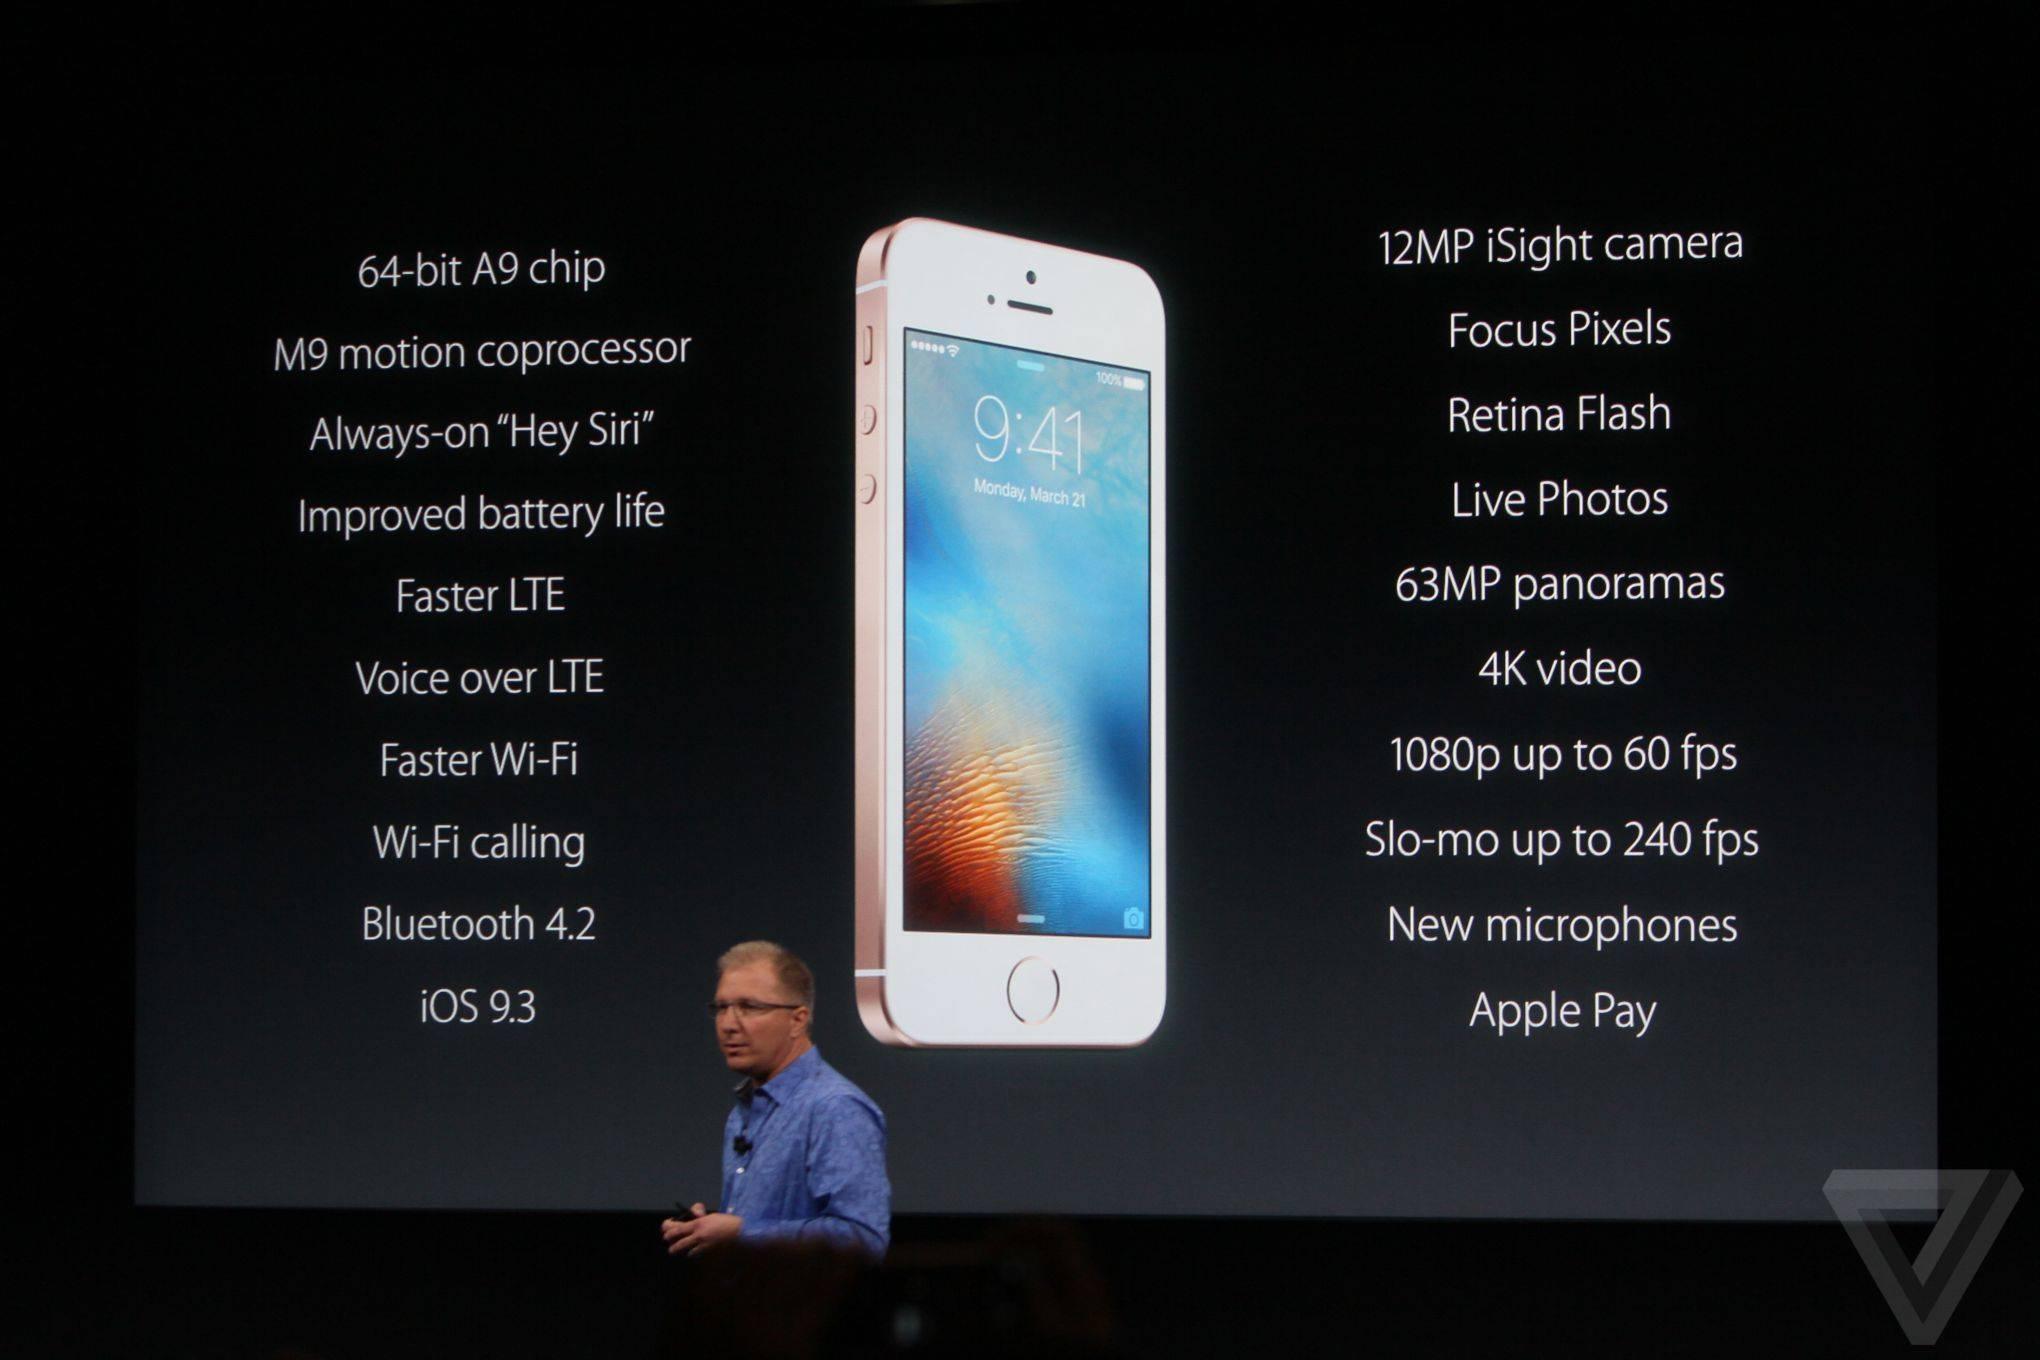 apple-iphone-se-ipad-pro-event-verge-336.jpg